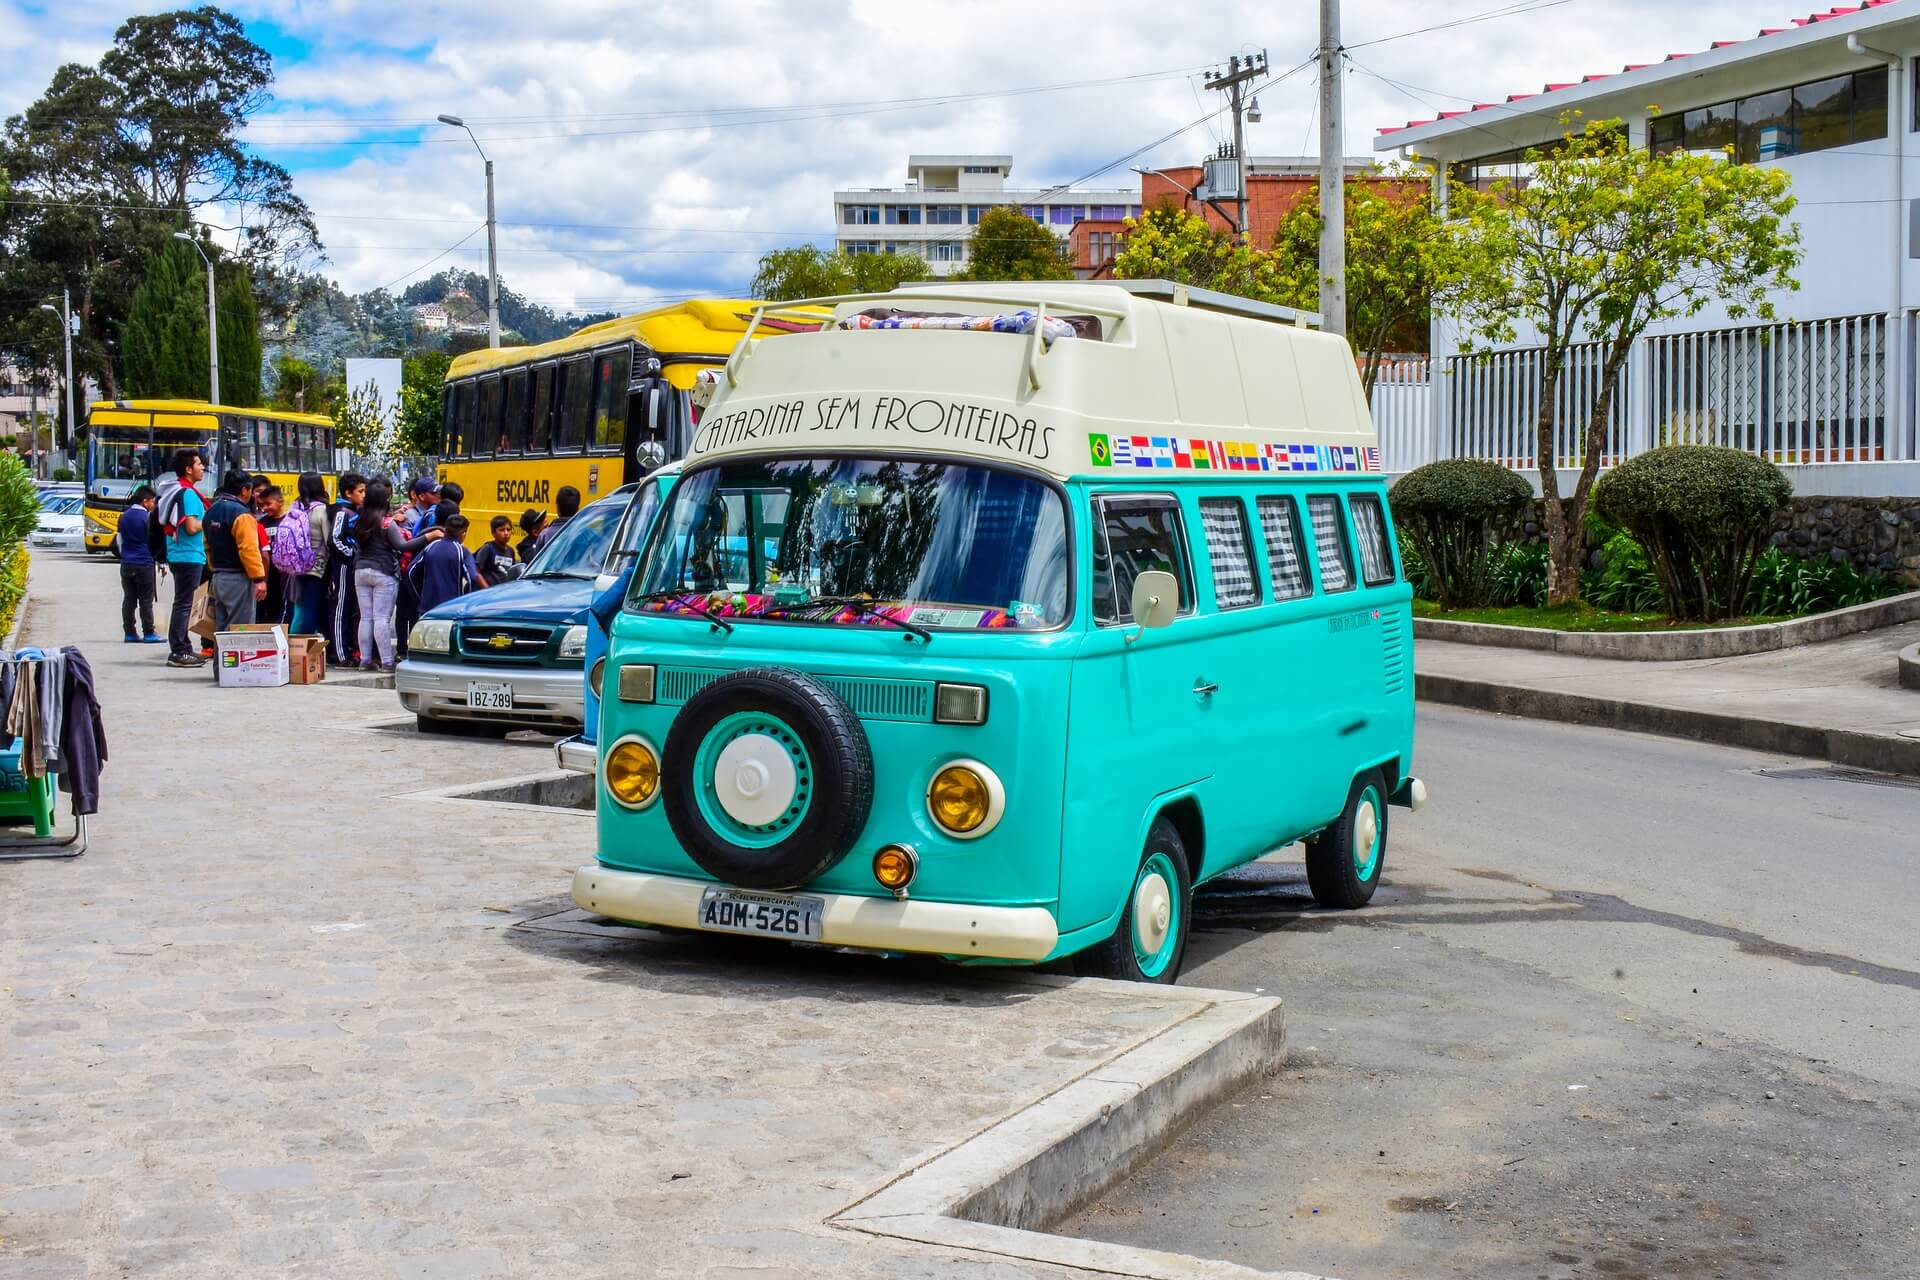 Un Van en Amérique latine